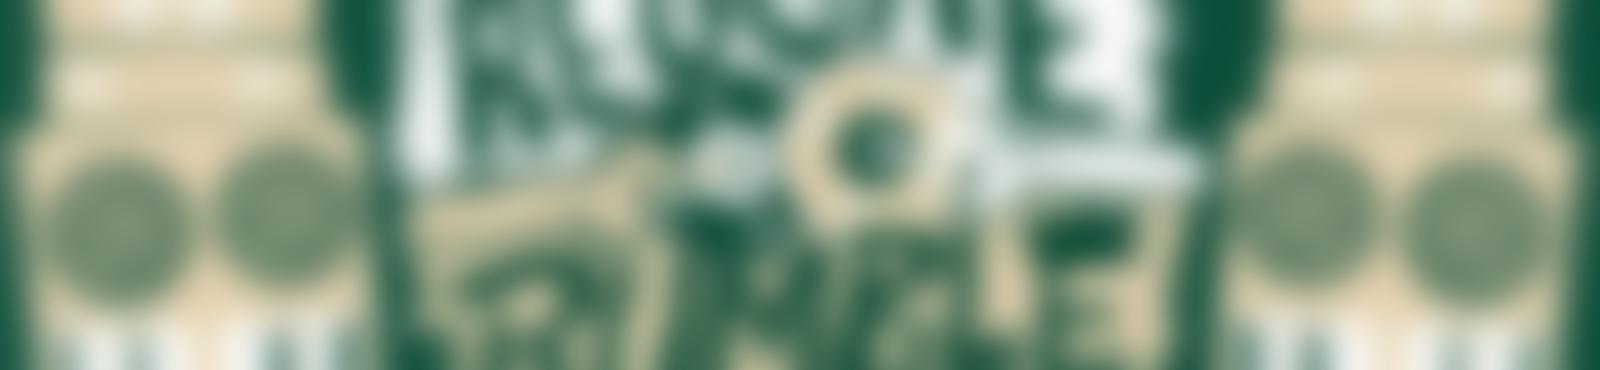 Blurred bdeb9259 821d 4d3a 82fa 90d47e22ca9a